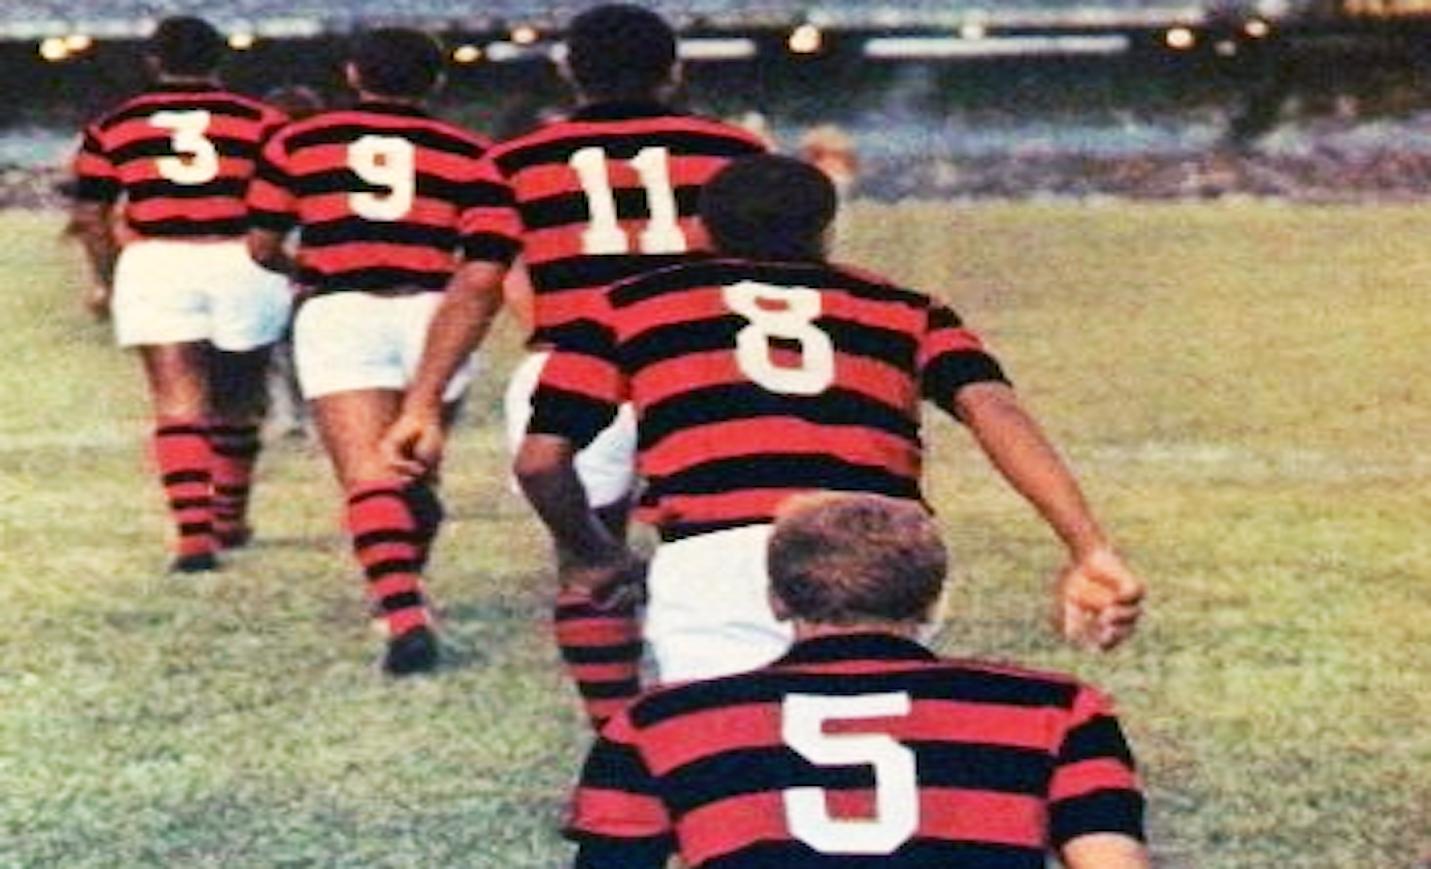 Elenco do Flamengo nos anos 1970. Foto: Autor desconhecido.